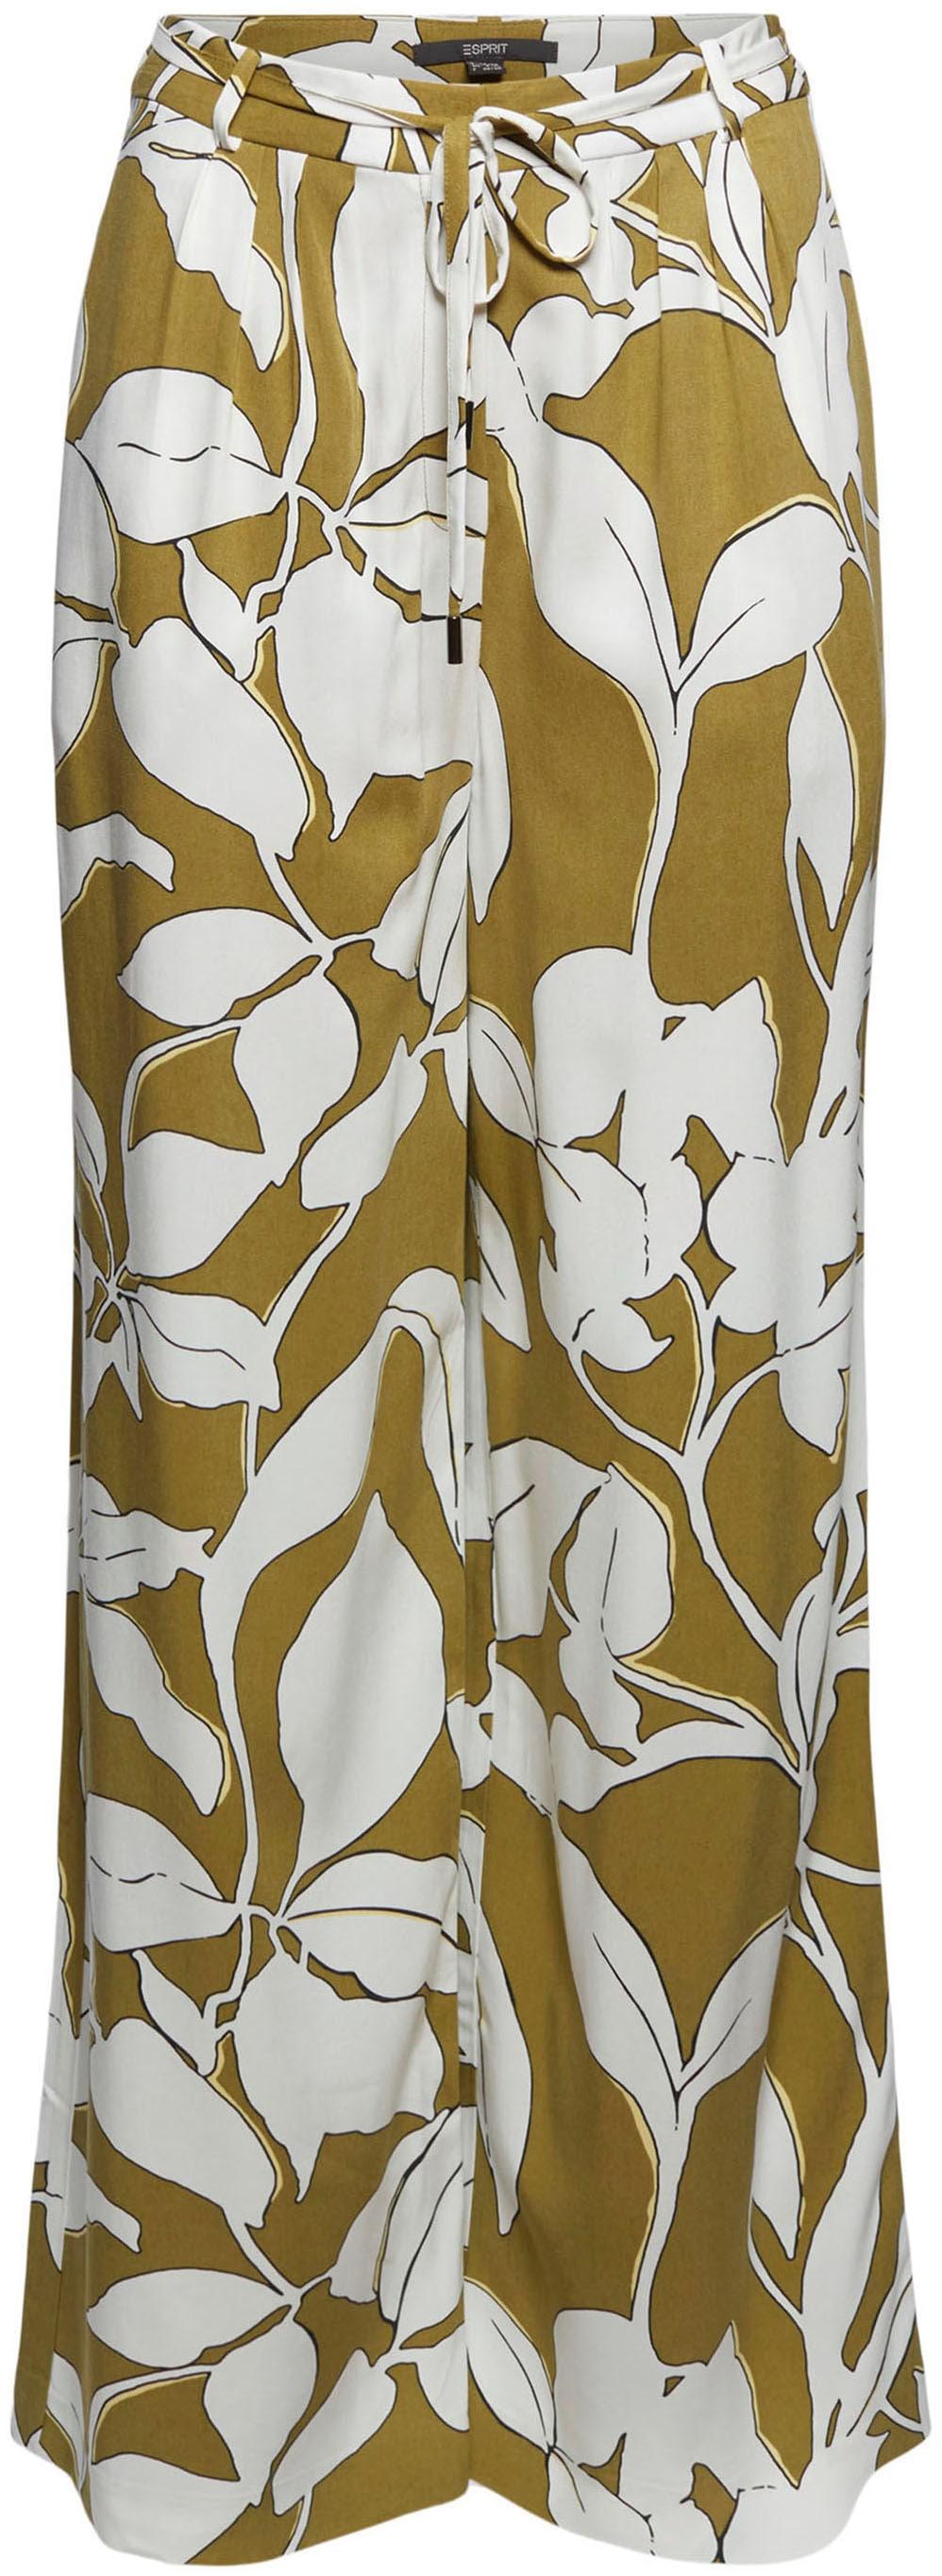 esprit collection -  Marlene-Hose, (2 tlg., mit Bindeband), mit großem Botanik-Print und weitem Bein